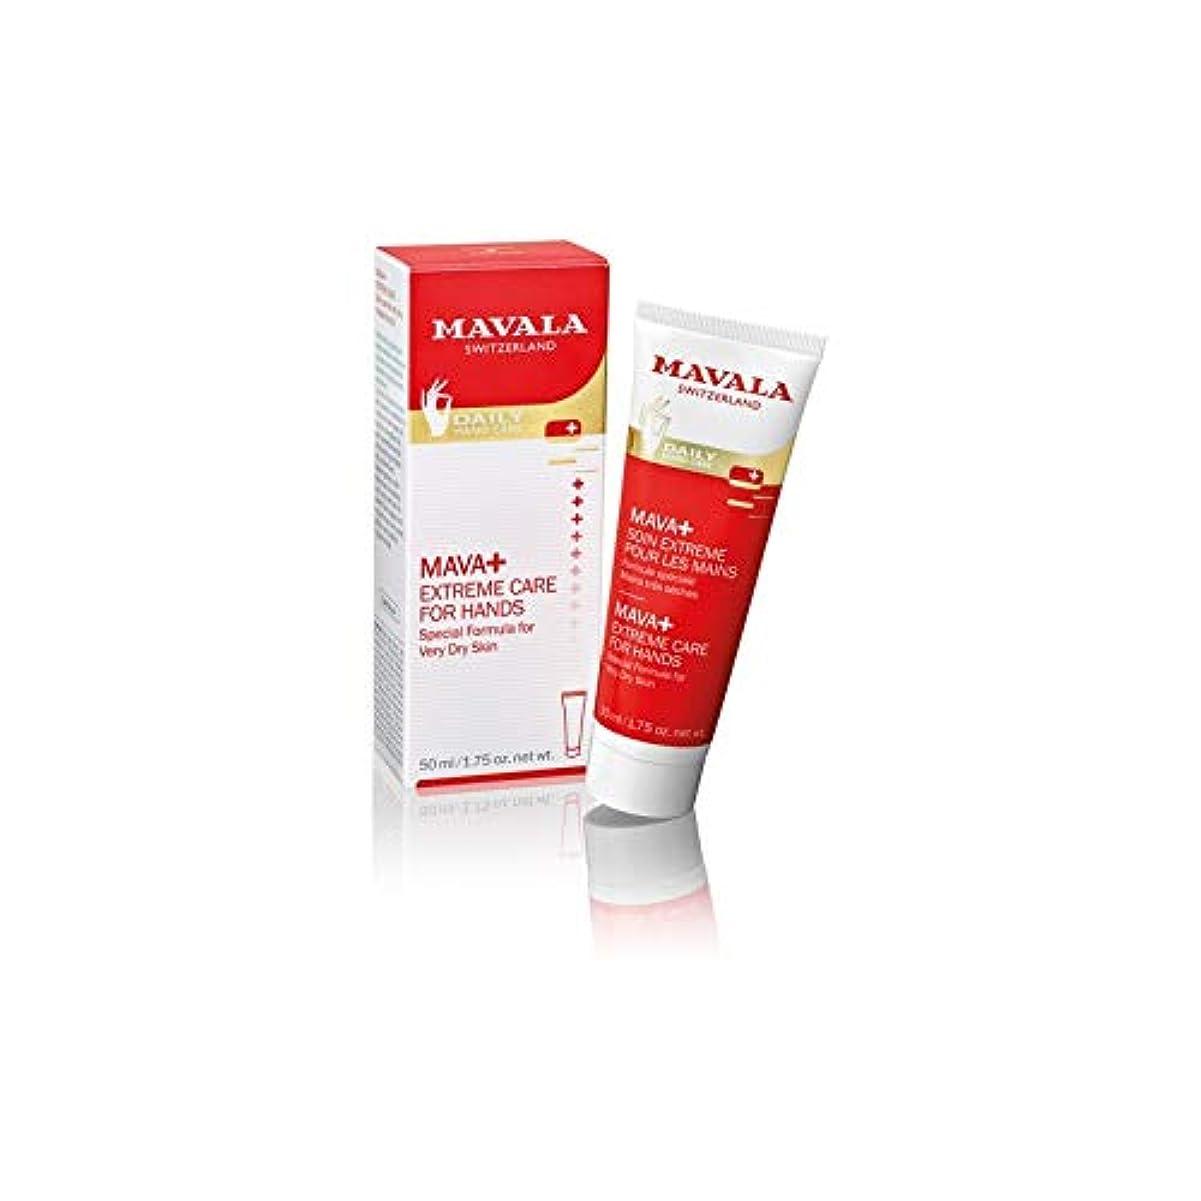 受付居間麻痺させる[Mavala] マヴァラMavalaのMava +ハンドクリーム - 手のために細心の注意を払っ(50ミリリットル) - Mavala Mava+ Hand Cream - Extreme Care For Hands (50ml) [並行輸入品]